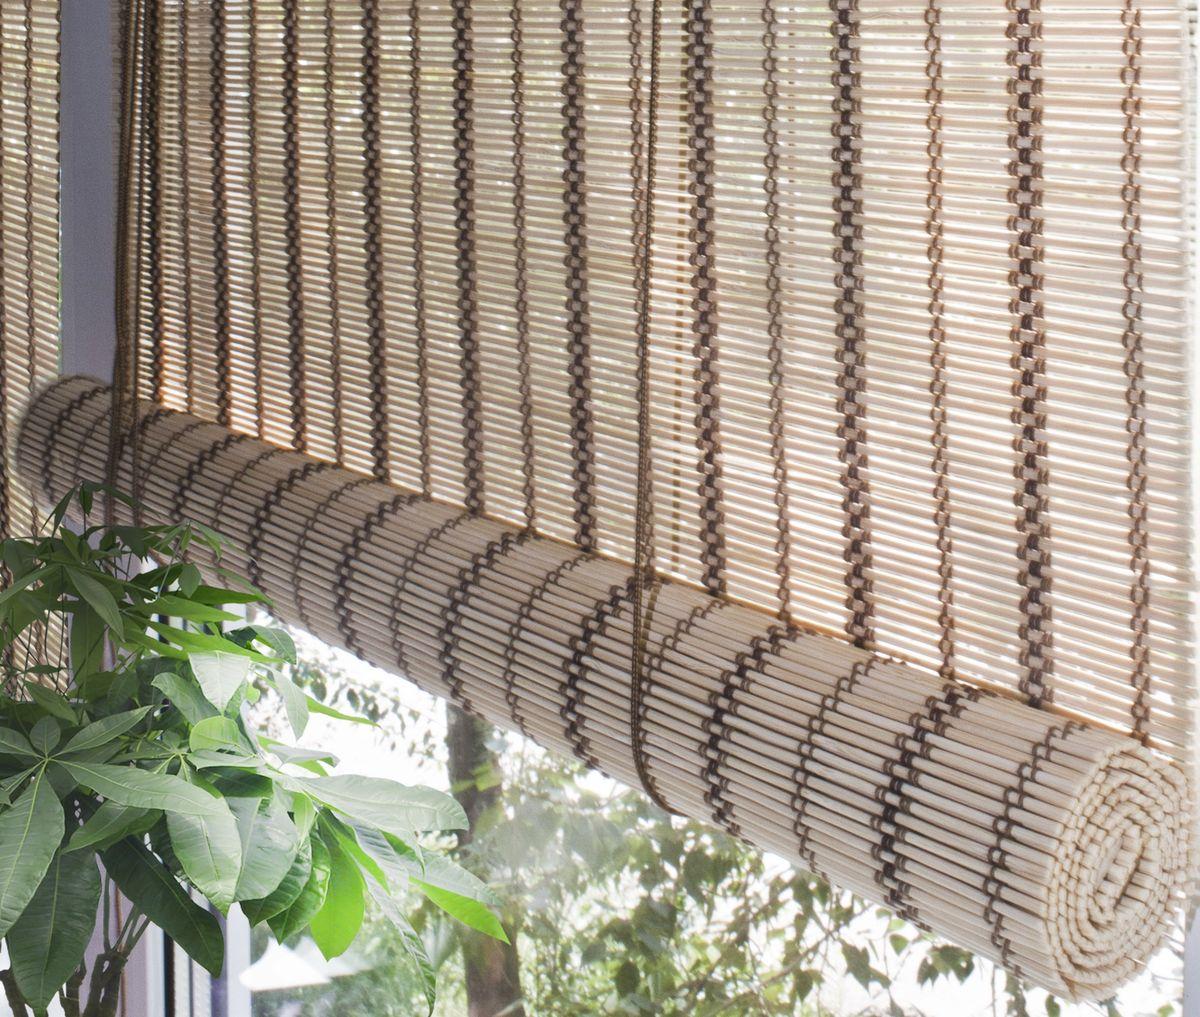 Штора рулонная Эскар Бамбук, цвет: золотой беж, ширина 160 см, высота 160 см70140160160При оформлении интерьера современных помещений многие отдают предпочтение природным материалам. Бамбуковые рулонные шторы – одно из натуральных изделий, способное сделать атмосферу помещения более уютной и в то же время необычной. Свойства бамбука уникальны: он экологически чист, так как быстро вырастает, благодаря чему не успевает накопить вредные вещества из окружающей среды. Кроме того, растение обладает противомикробным и антибактериальным действием. Занавеси из бамбука безопасно использовать в помещениях, где находятся новорожденные дети и люди, склонные к аллергии. Они незаменимы для тех, кто заботится о своем здоровье и уделяет внимание высокому уровню жизни.